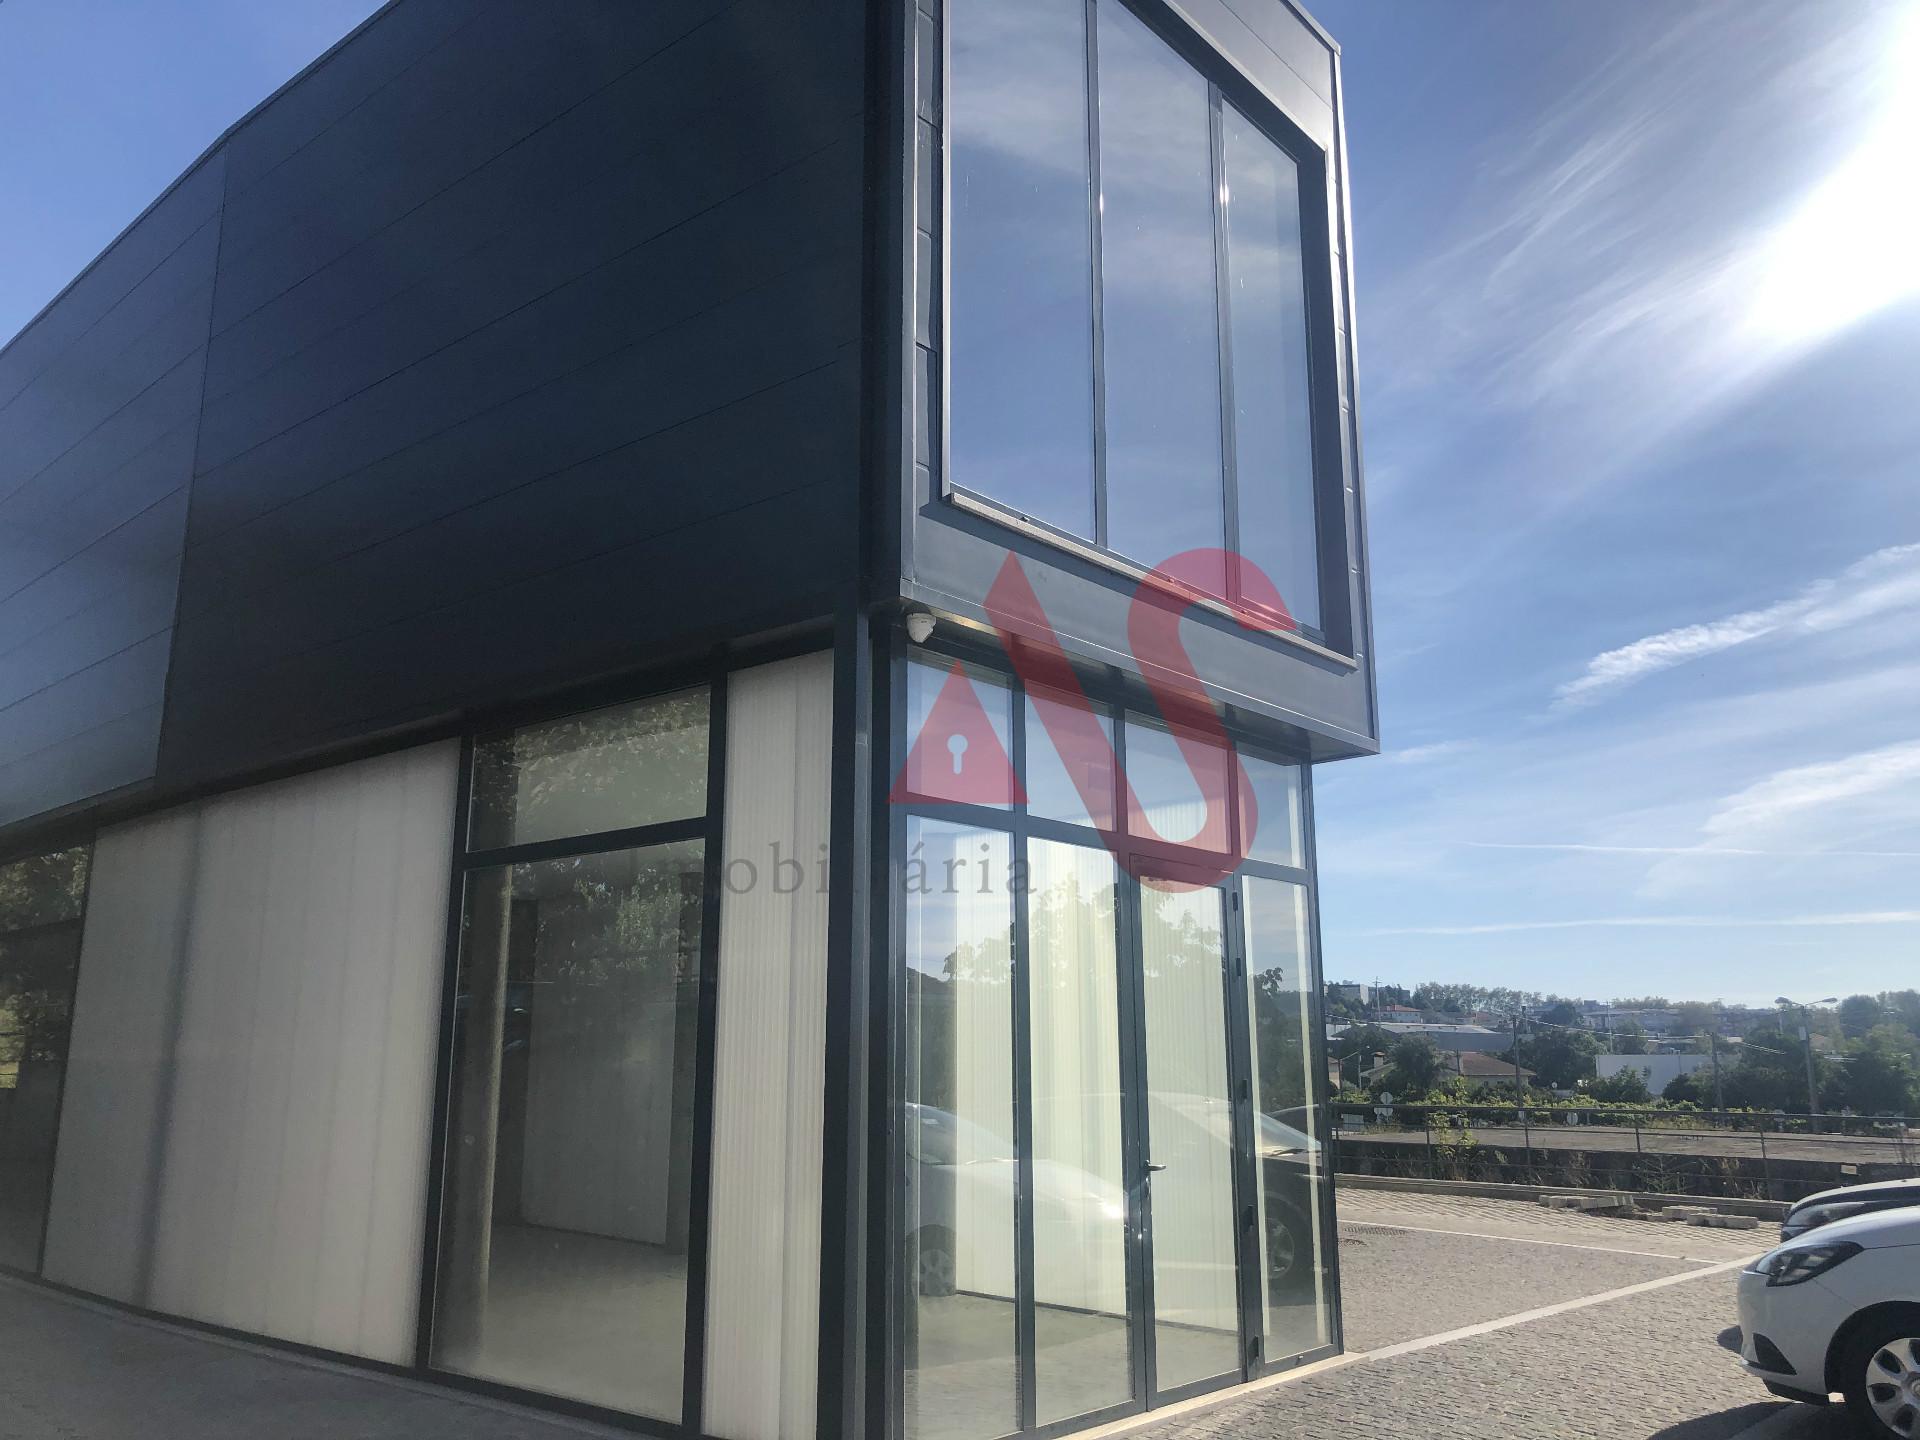 Loja no R/C com 162,40 m2 em Serzedelo, Guimarães